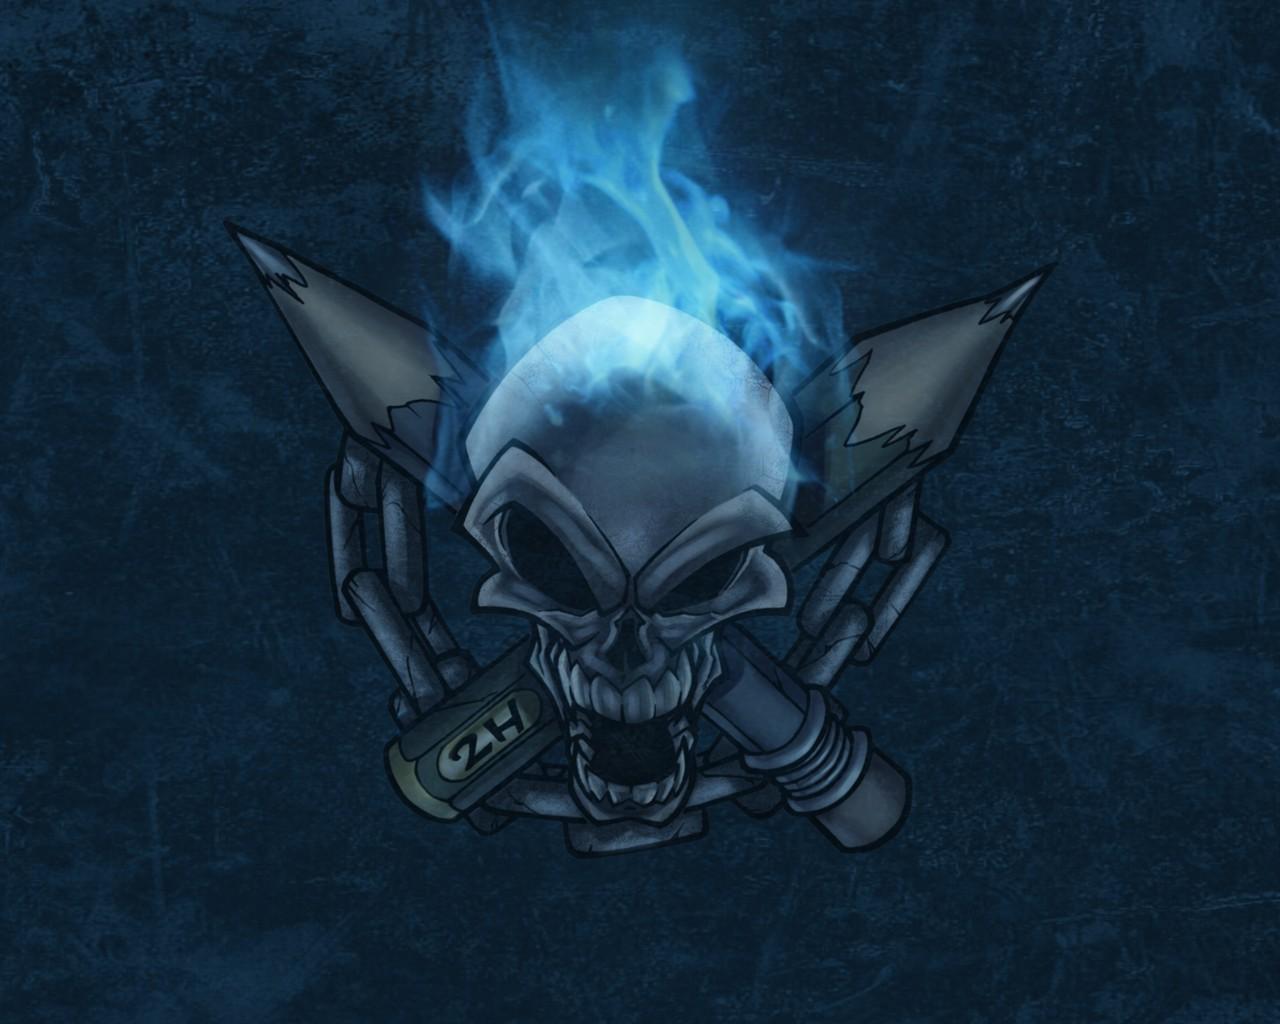 Download Artistic Skulls wallpaper blue flames skull 1280x1024